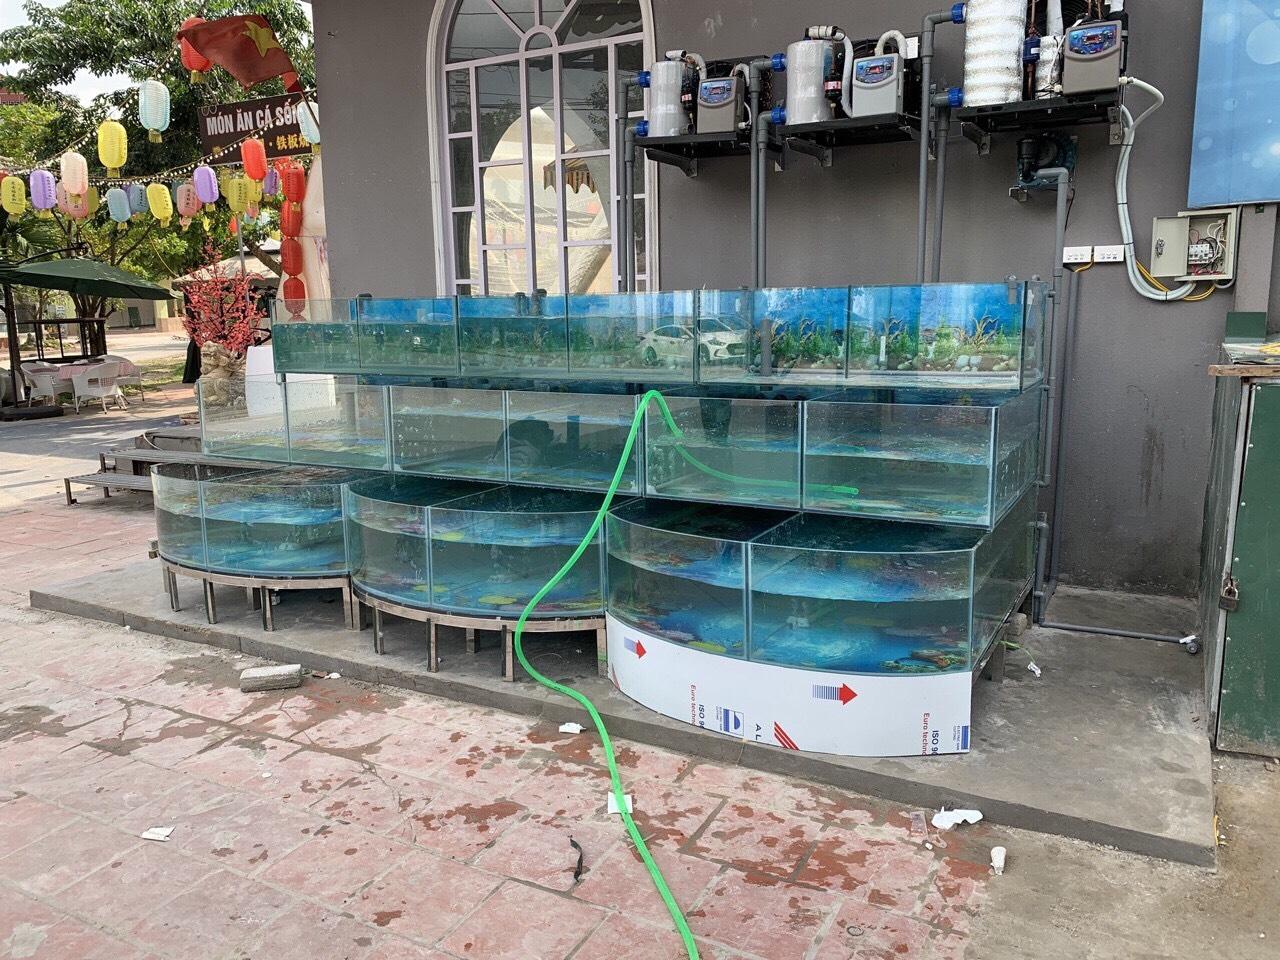 Lắp đặt máy lạnh bể hải sản